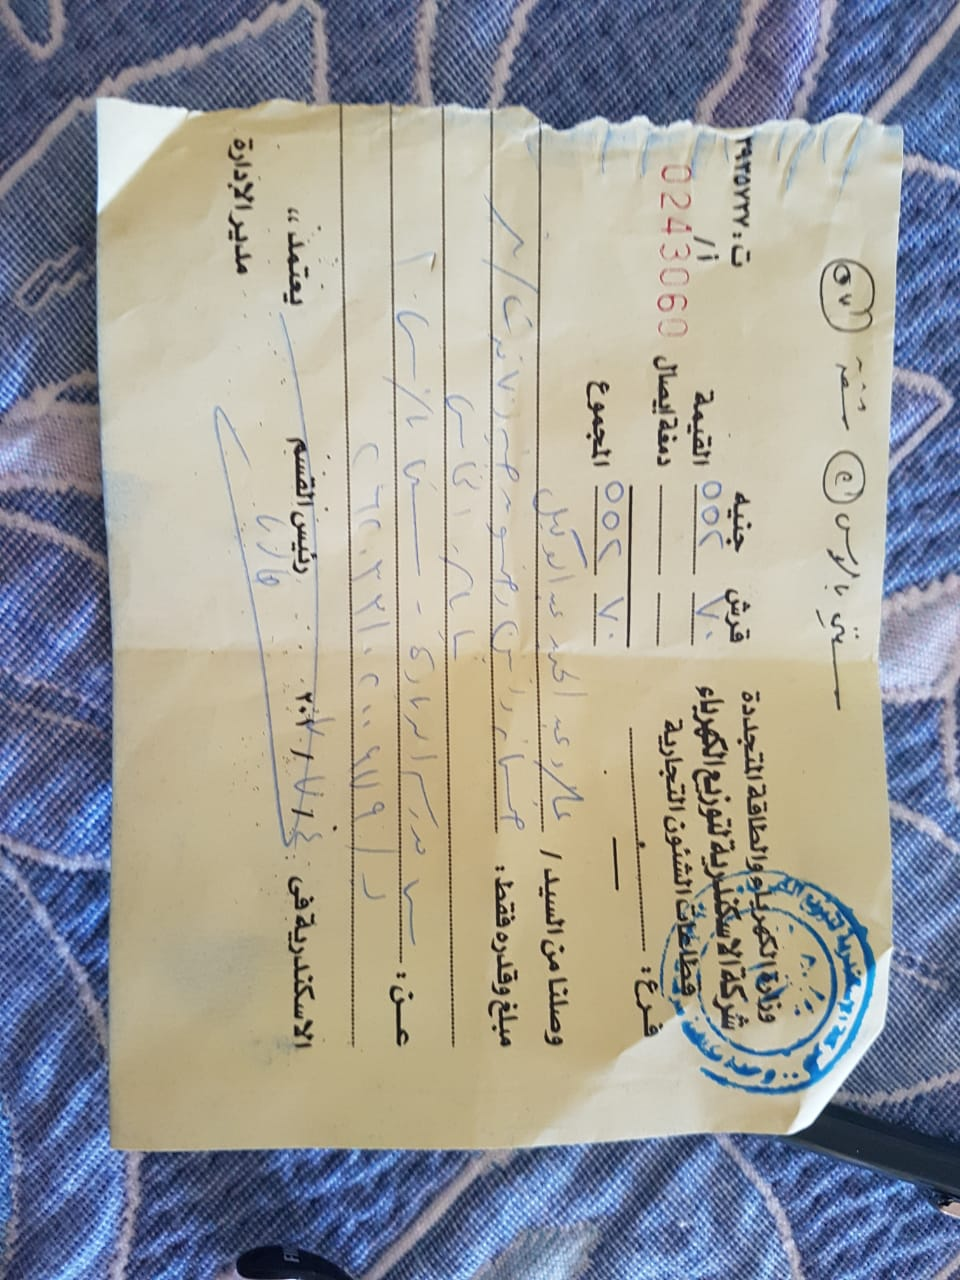 أزمة مشروع سيتي بالاس بالإسكندرية (40)